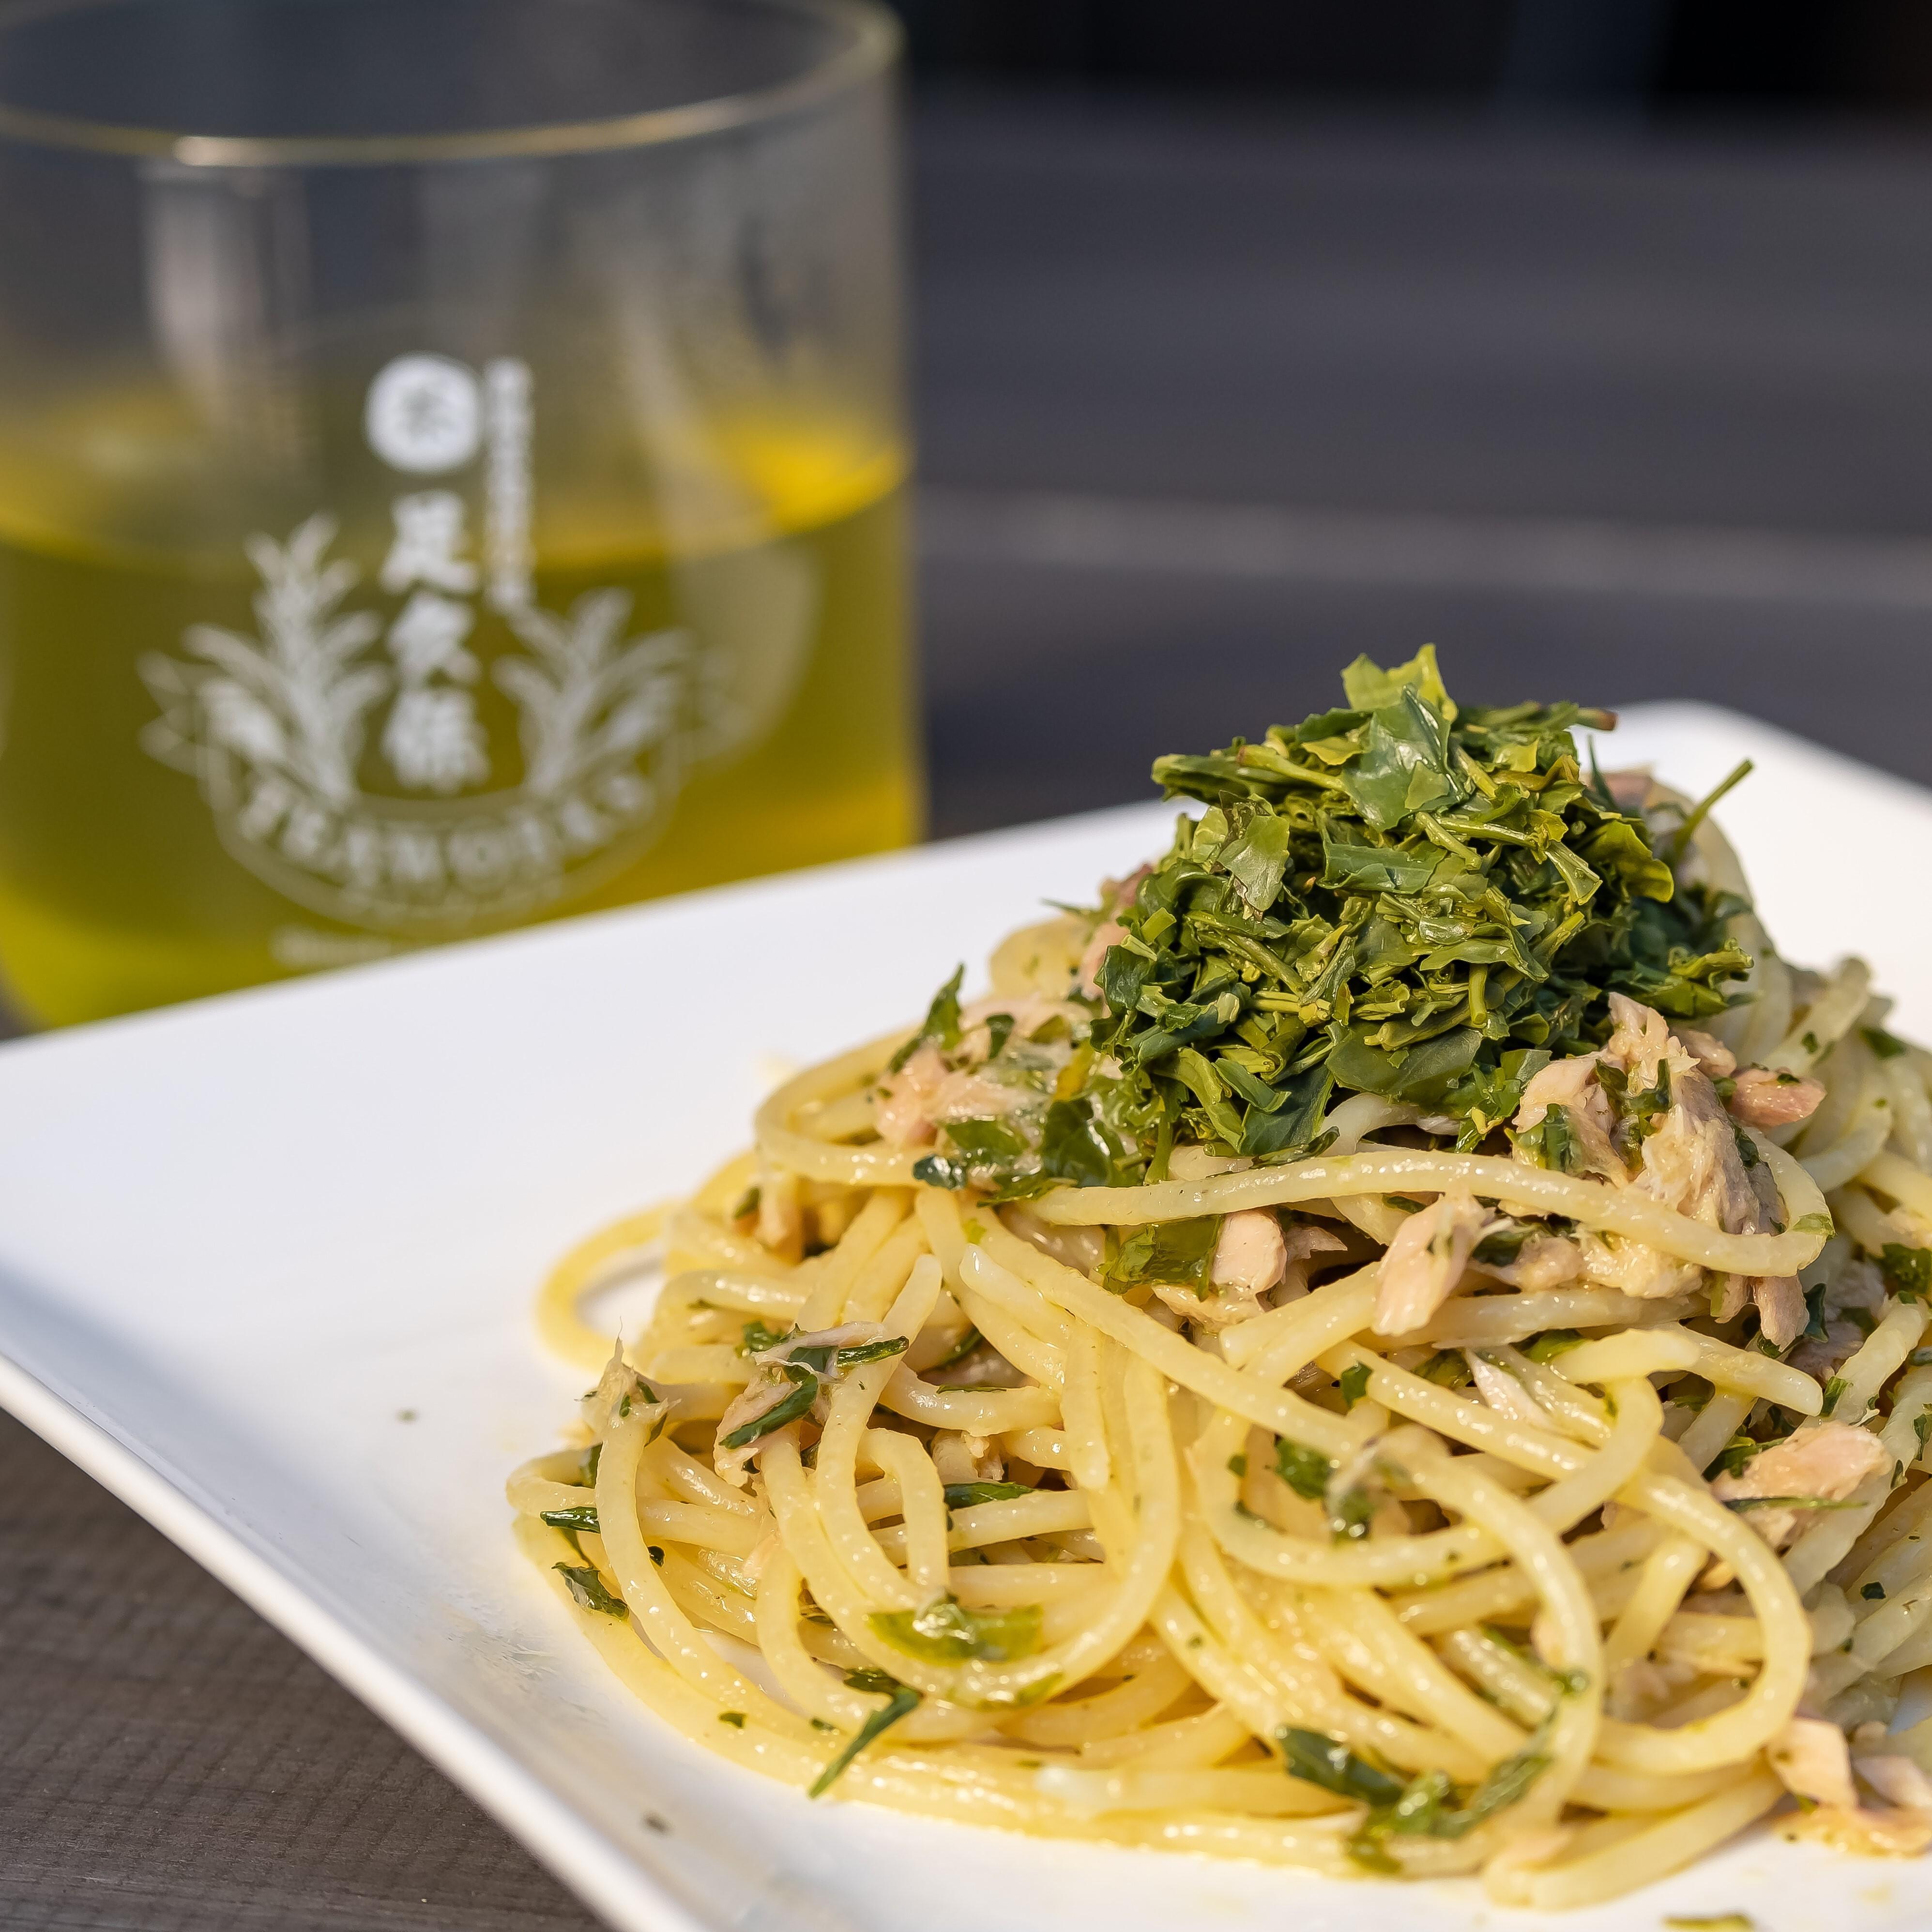 足久保で心ゆくまでお茶体験 Green Tea Experience@Ashikubo